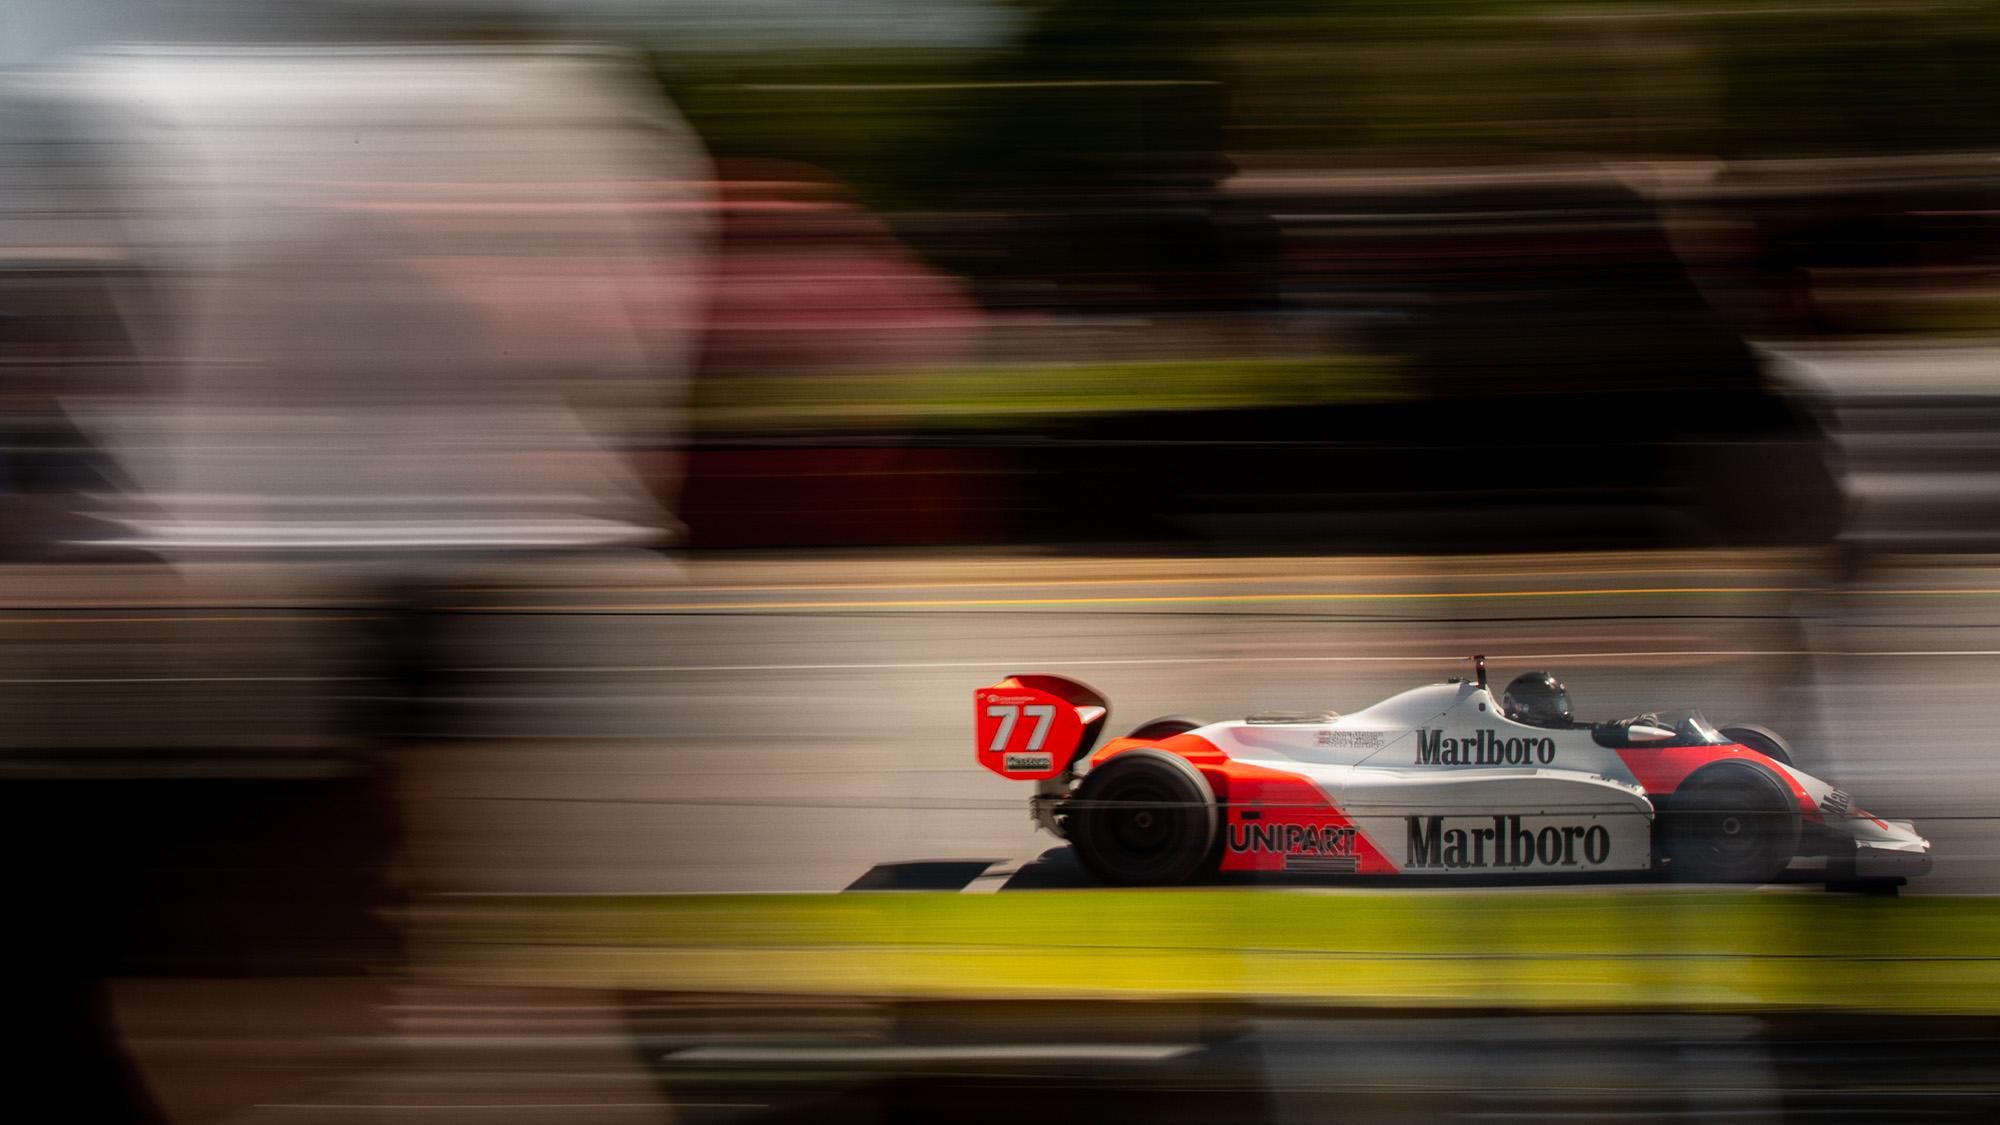 Steve Hartley McLaren MP4-1 at Brands Hatch 2021 - side